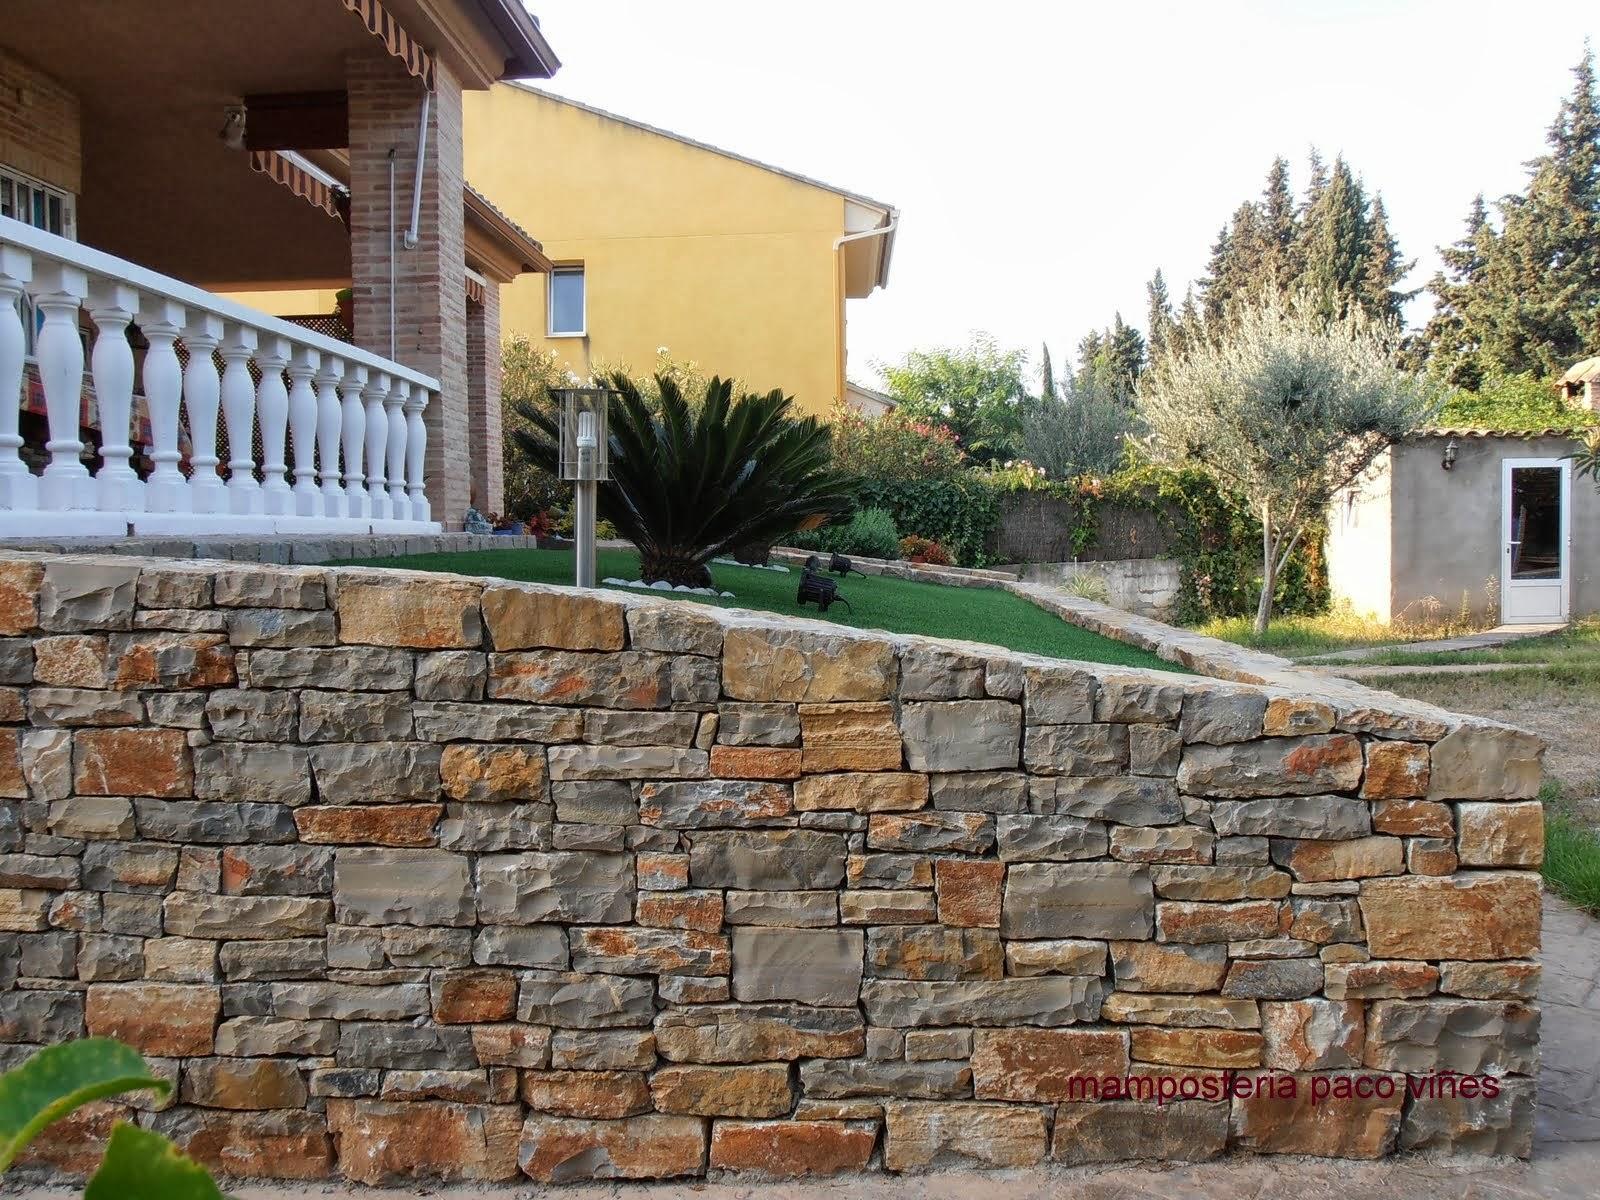 Piedra para jardin mamposteria paco vi es - Muros de piedra construccion ...